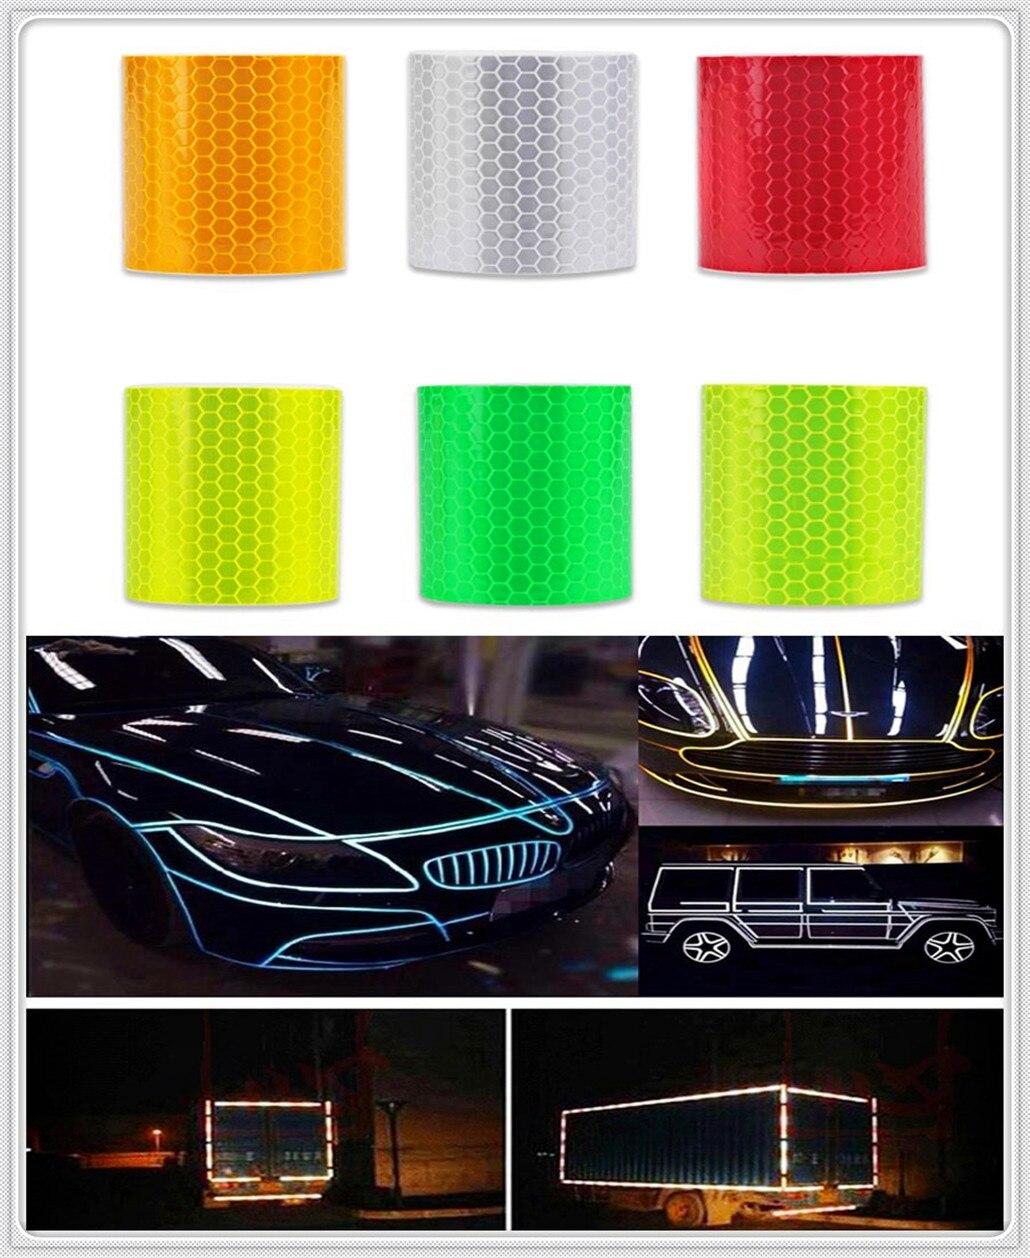 Accesorios de coche pegatina reflectante calcomanía cinta de advertencia película para Toyota V Hilux Land Cruiser alianza Carina Celica Corona